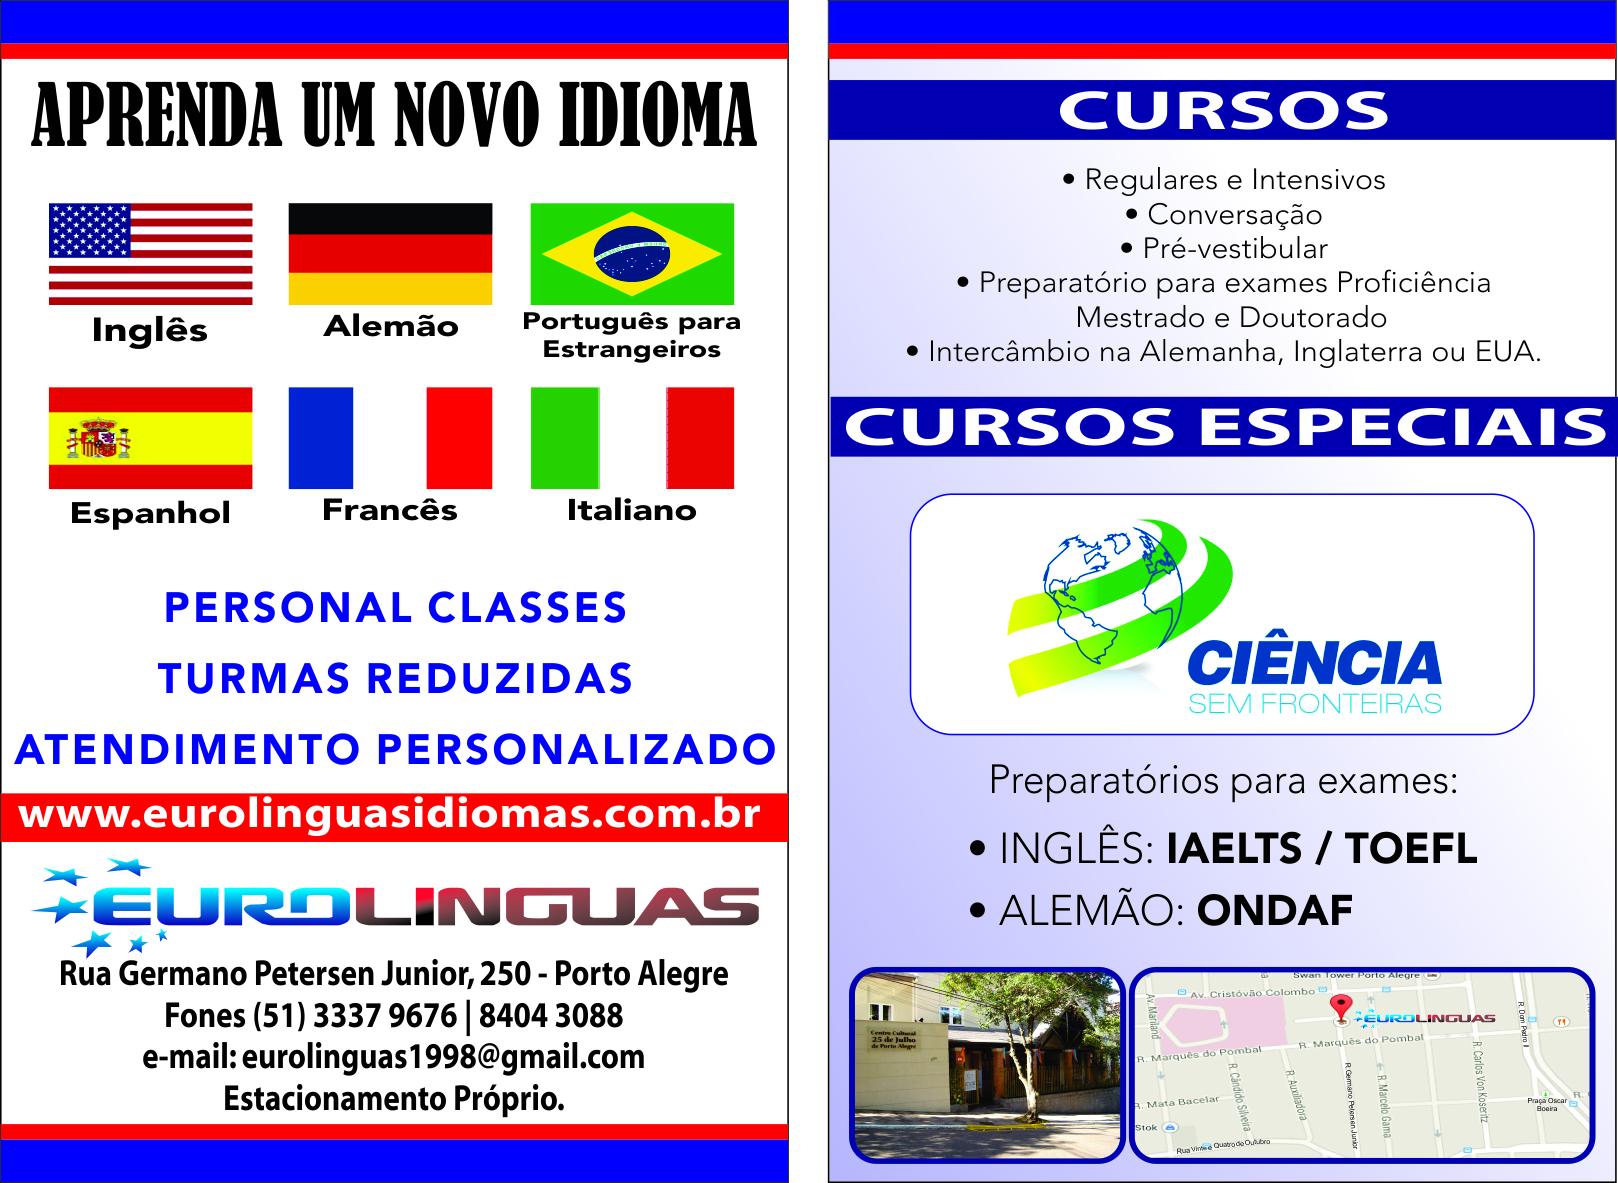 Eurolinguas